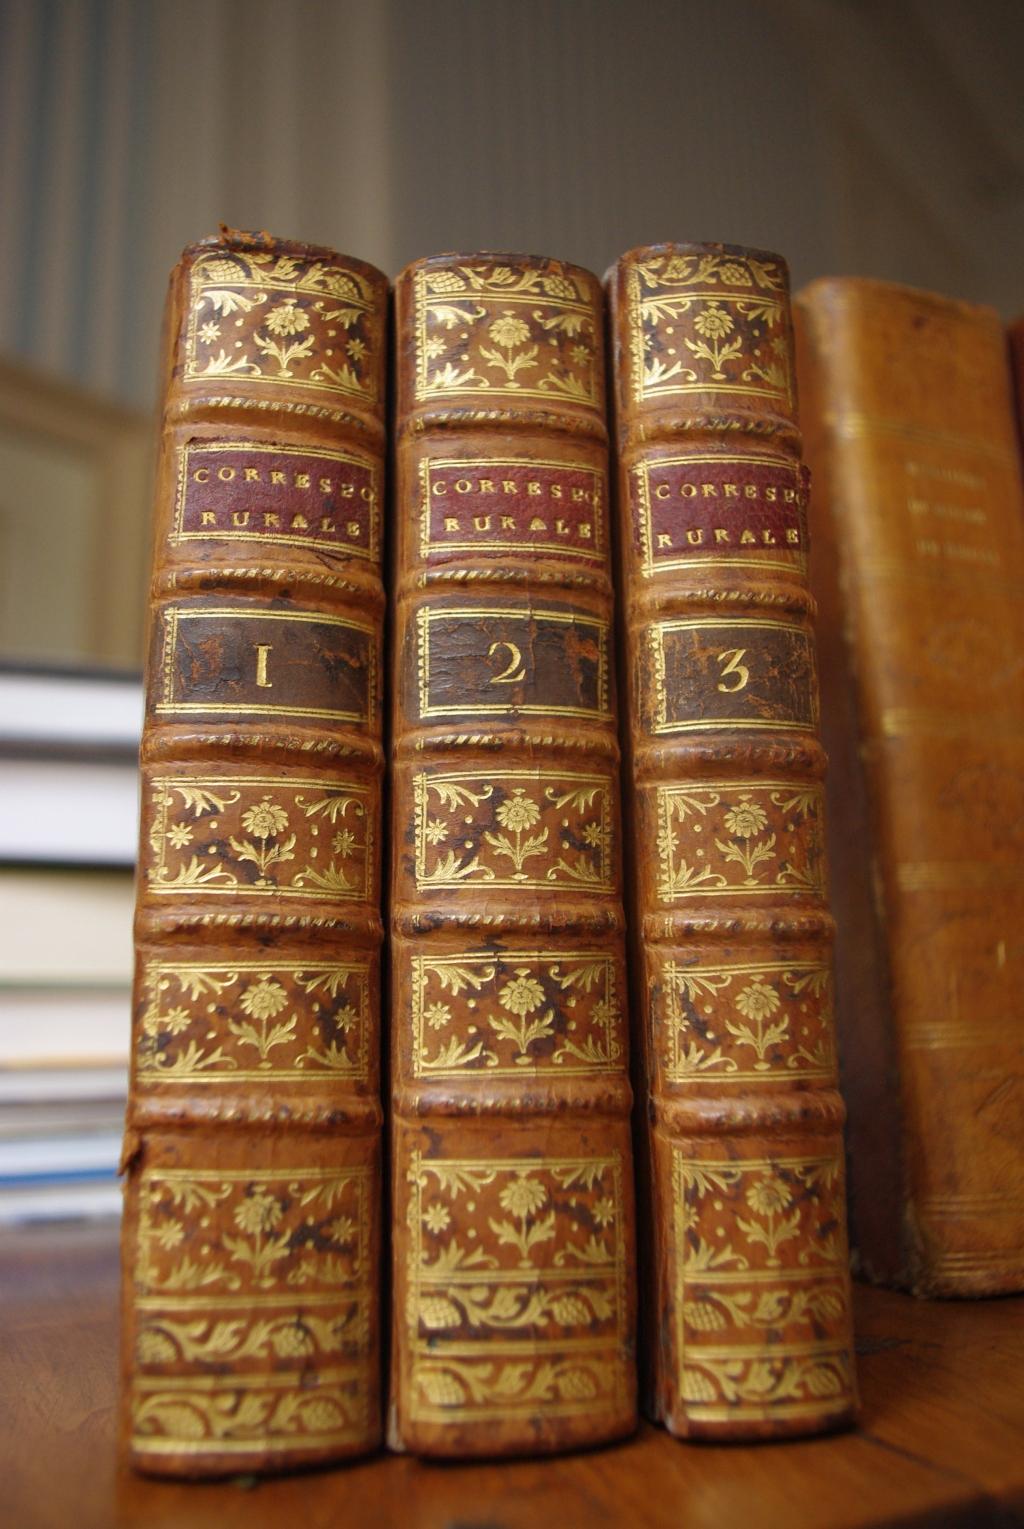 Bibliophilie - La Bretonnerie, Correspondance rurale dans Auteurs, écrivains, polygraphes, nègres, etc.